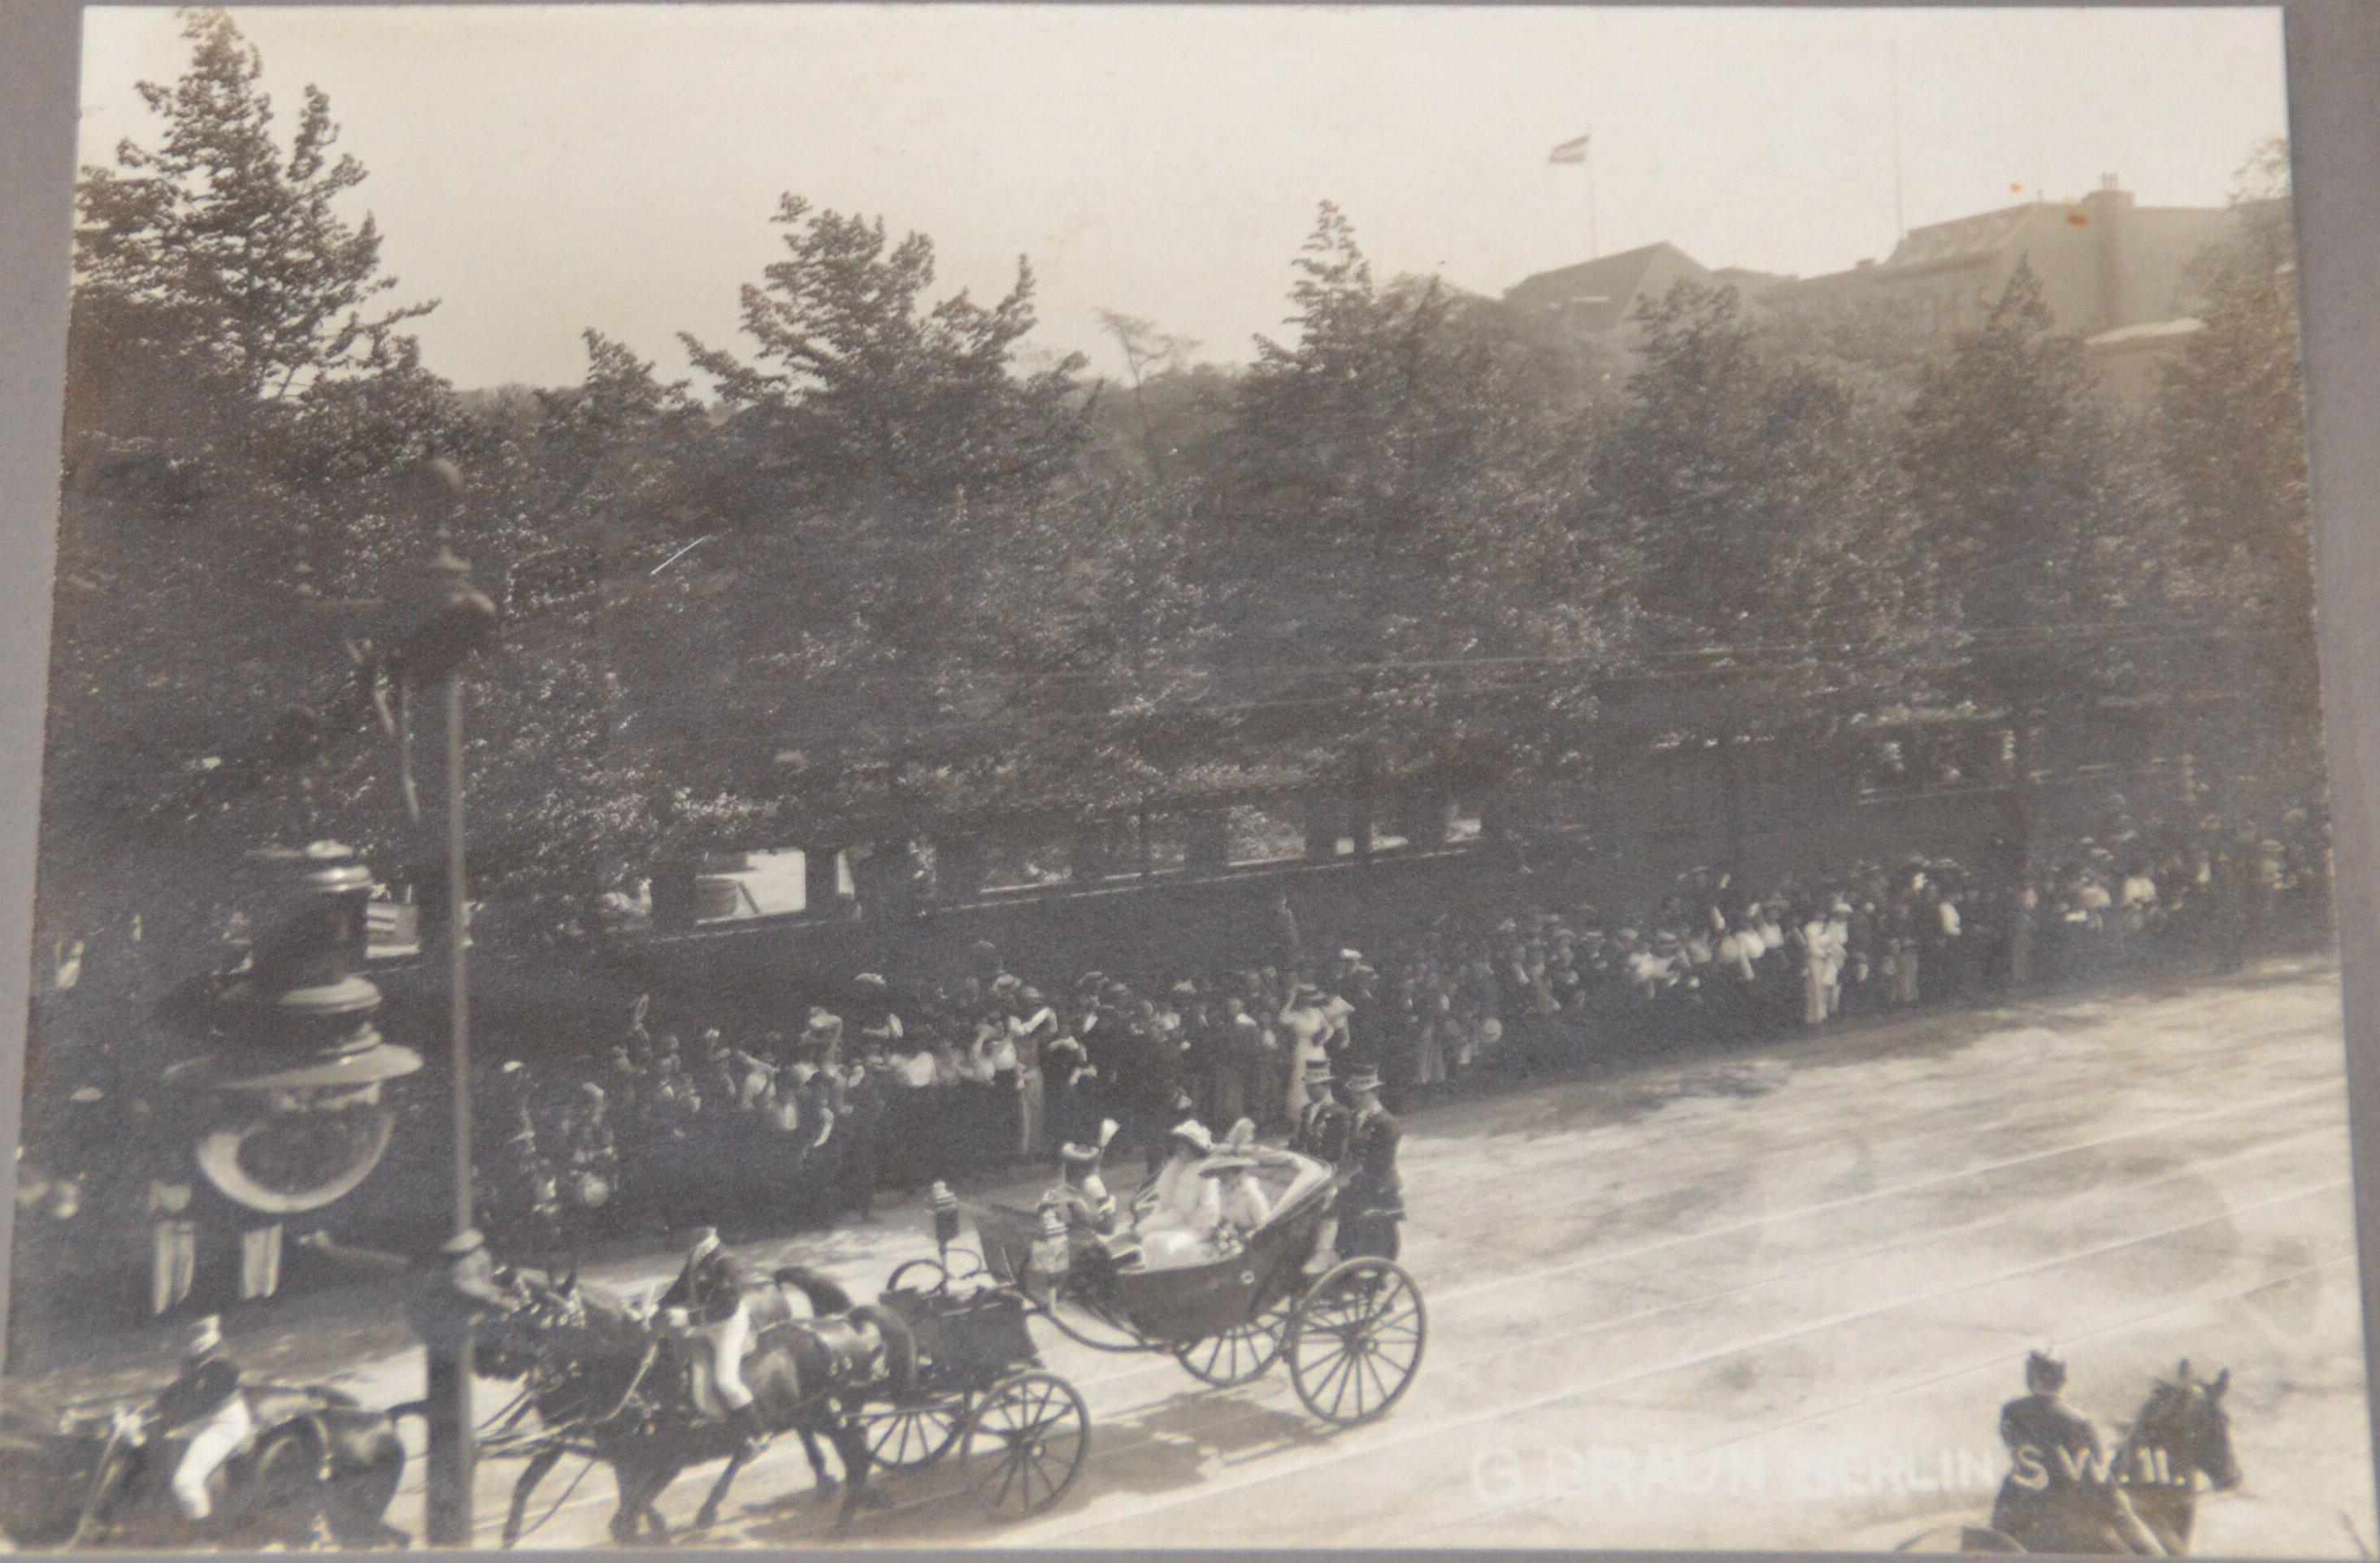 1910. Императрица Александра Федоровна и Императрица Августа Виктория в экипаже. (Визит и встреча  В Потсдаме)